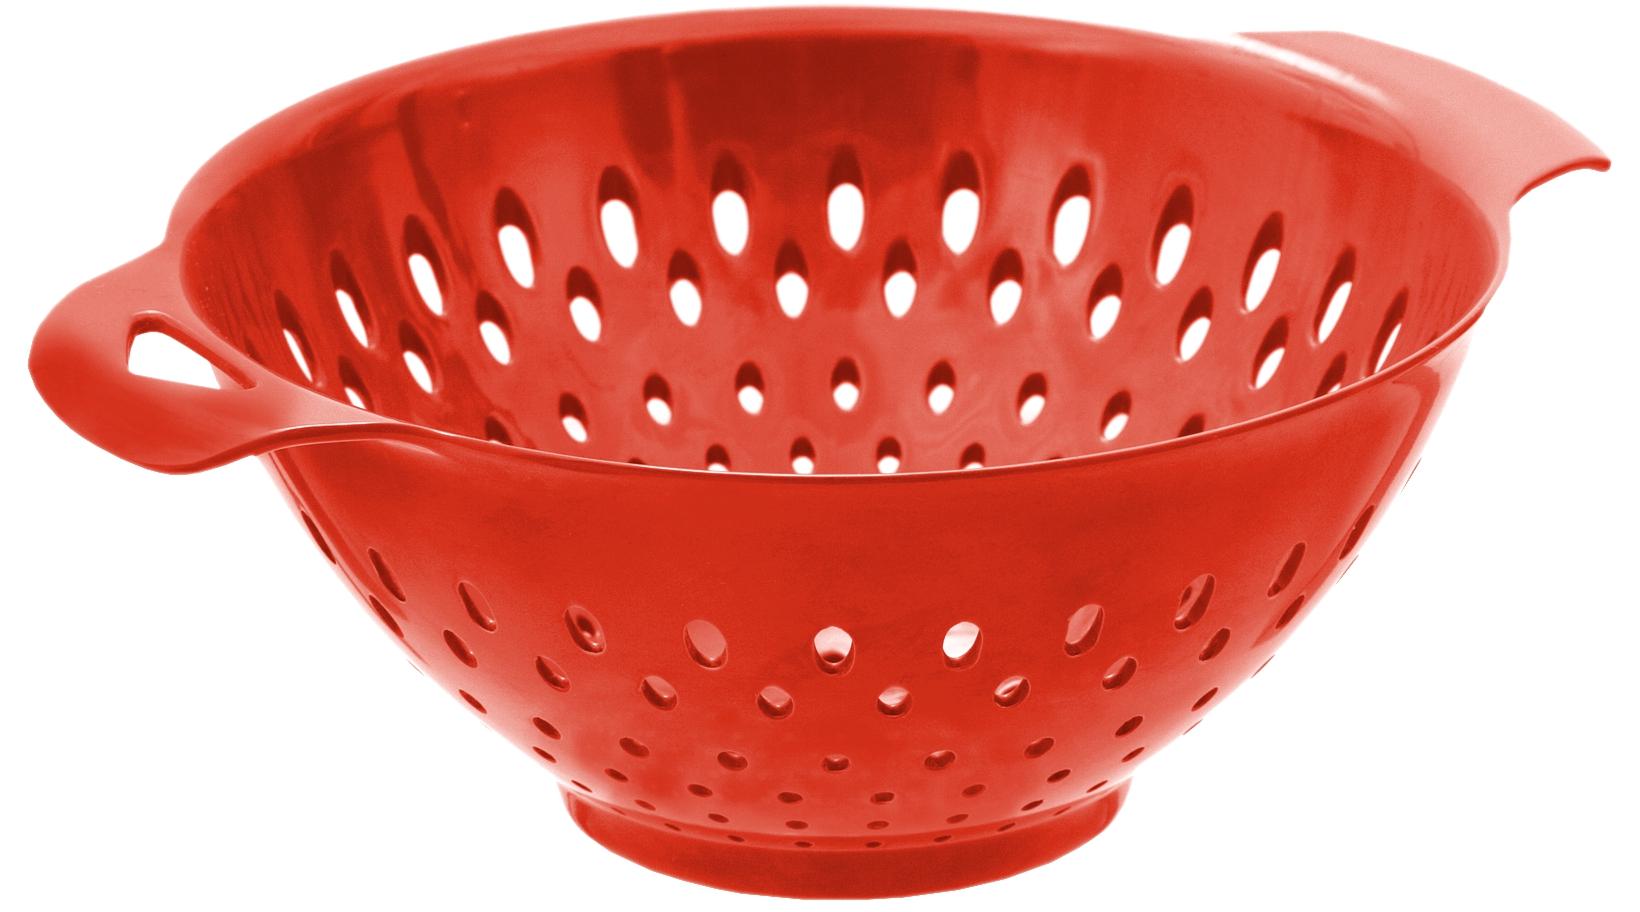 Tovolo Large Red Melamine Colander, 3.5 Quart